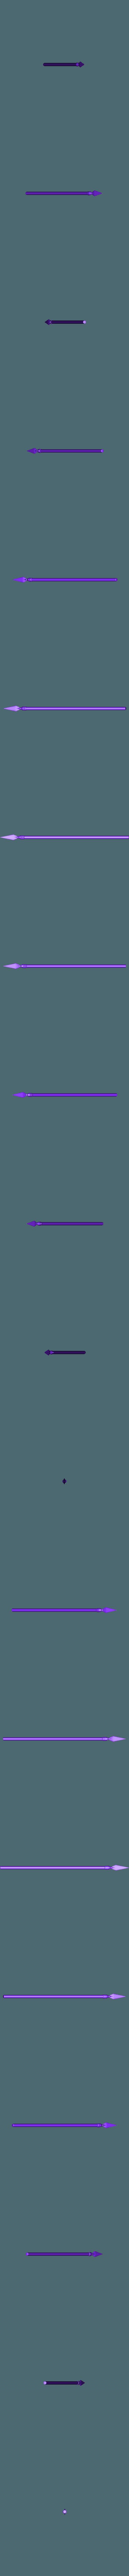 pilum entier.stl Descargar archivo STL FANART - Obélix abofetea a un legionario romano - Diorama • Objeto para impresora 3D, foxgraph